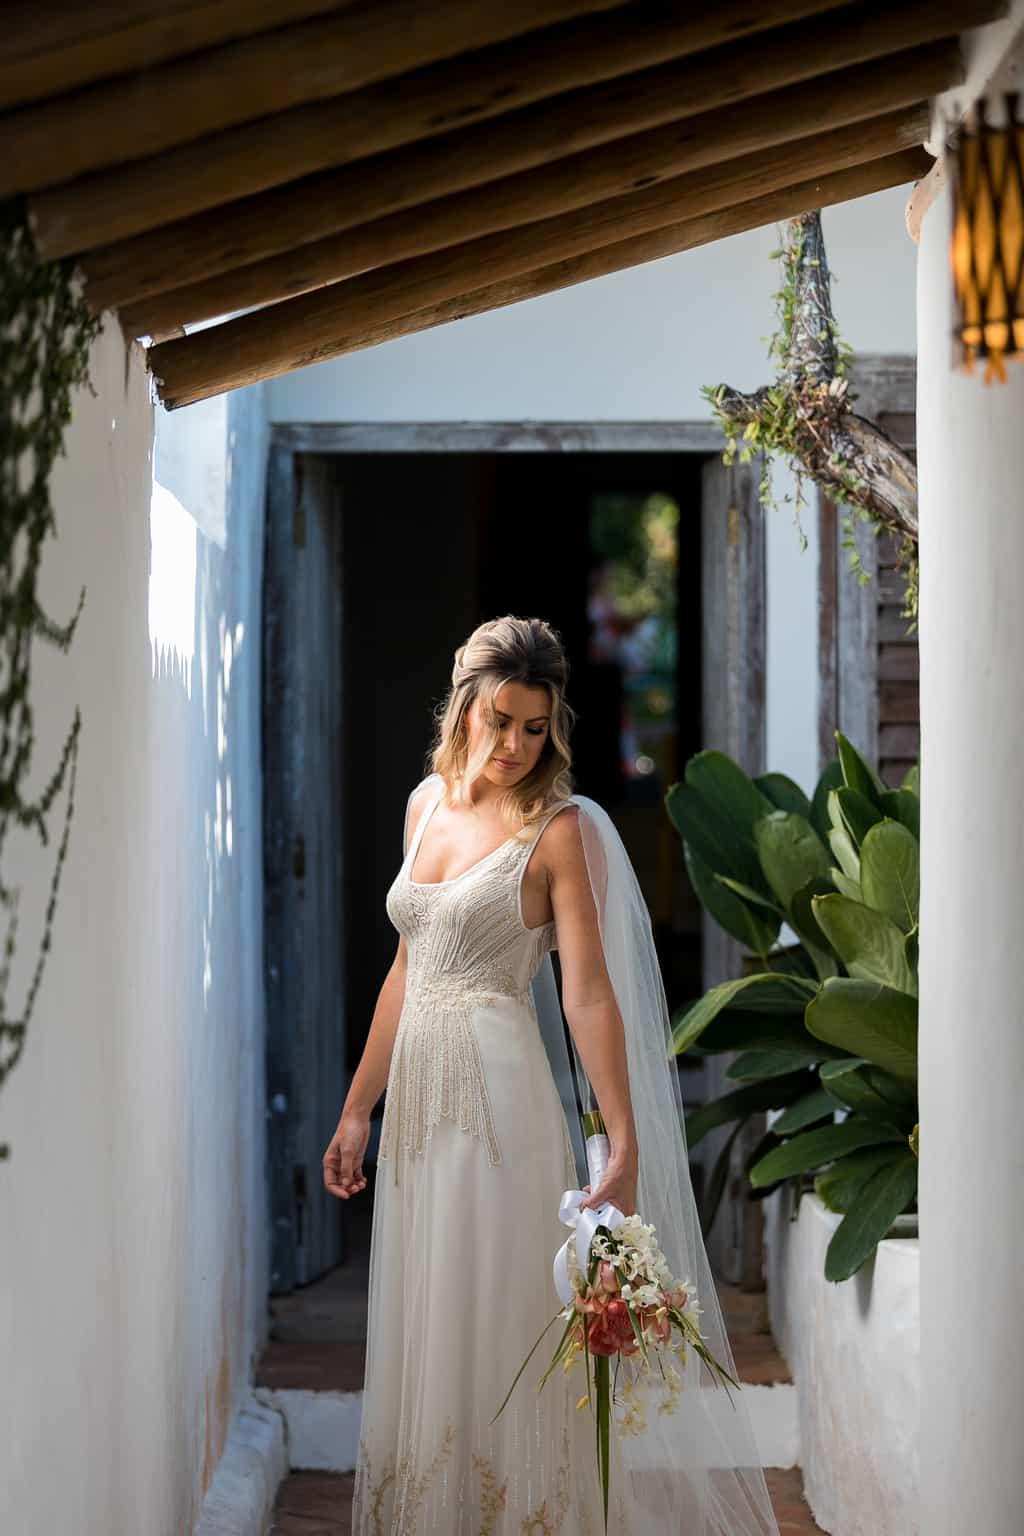 Casamento-Victoria-e-Christian-Fotografia-Tiago-Saldanha155_MG_0546